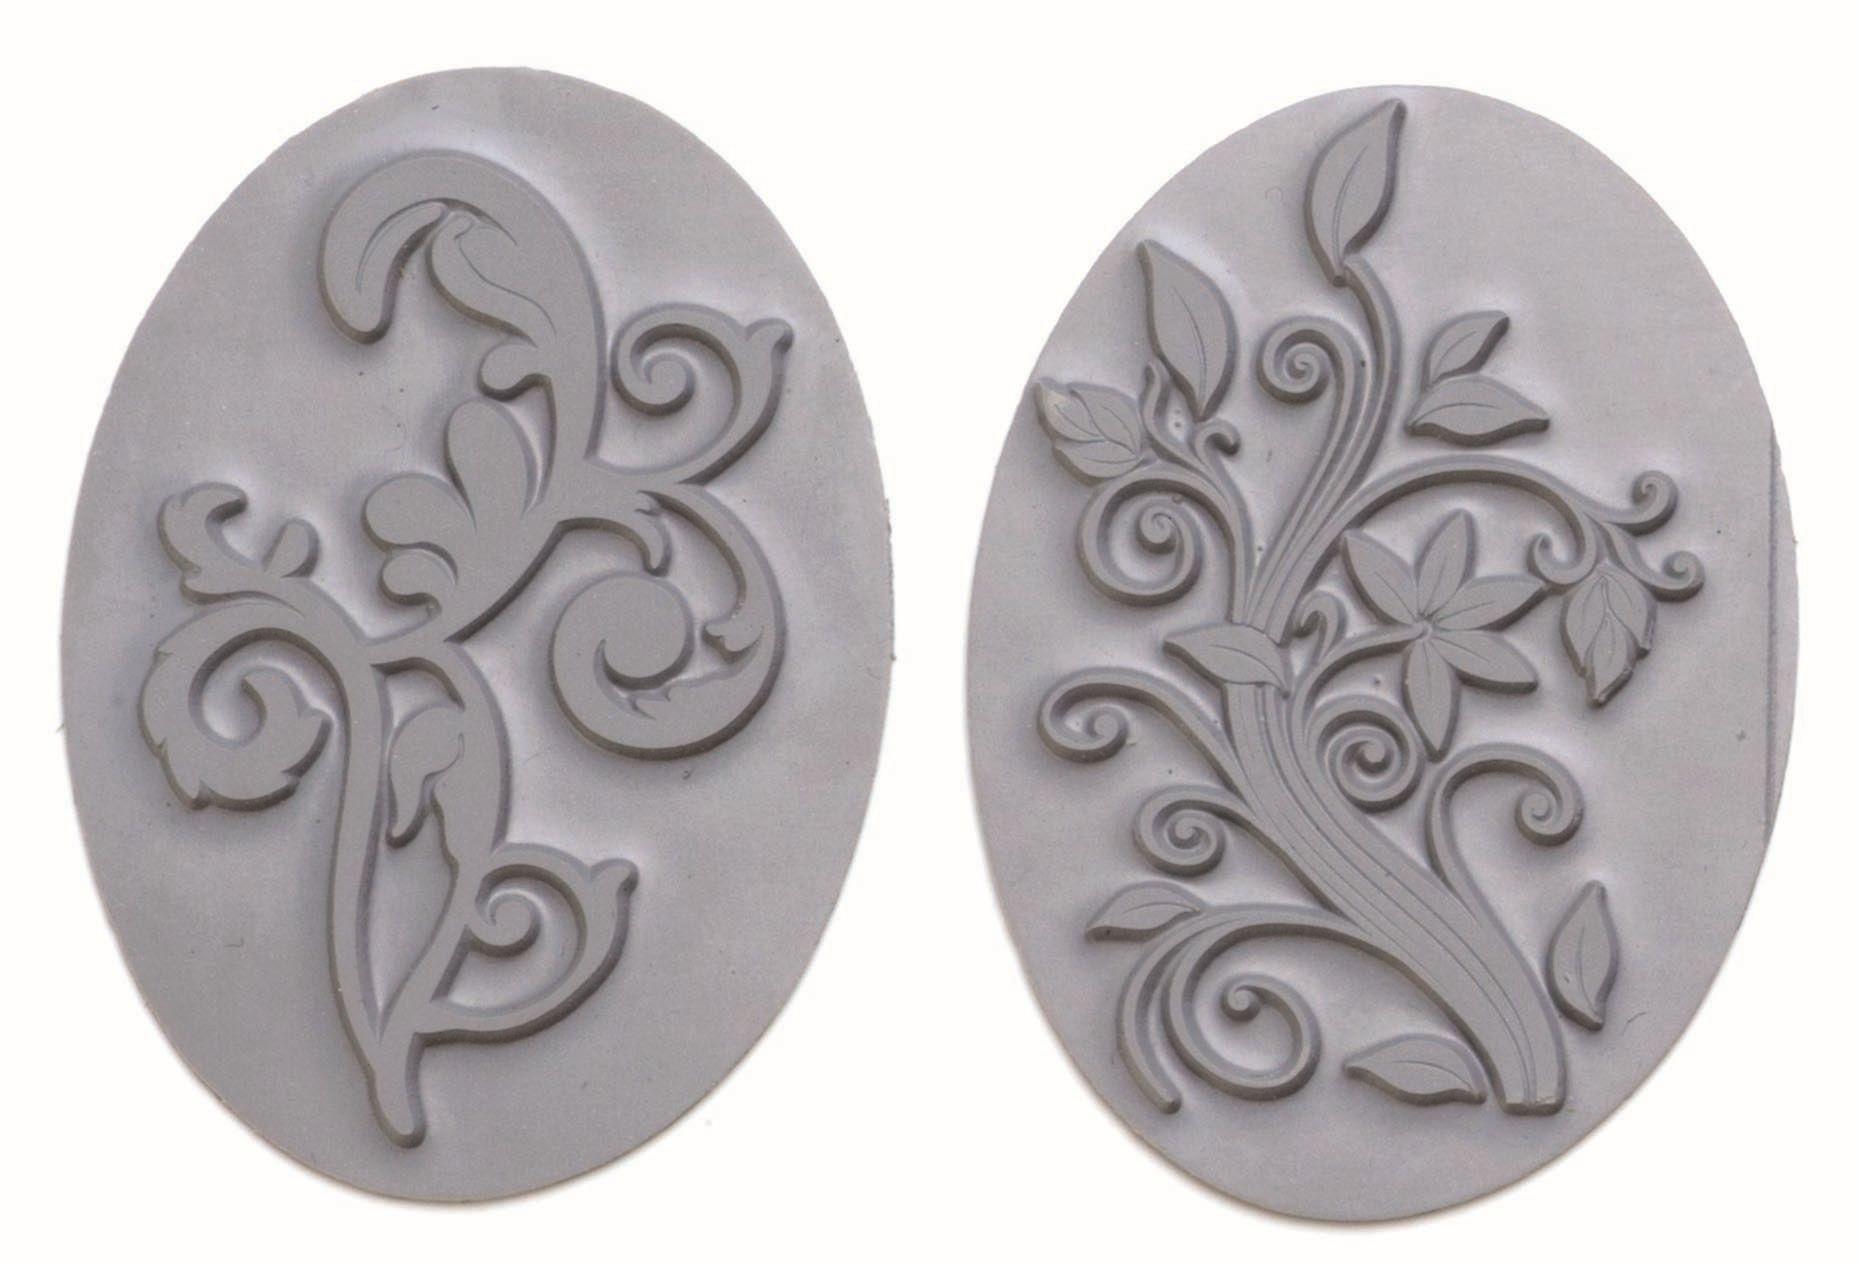 61600439 Вкладыш в овальную форму для мыловарения,орнамент,2шт. Glorex